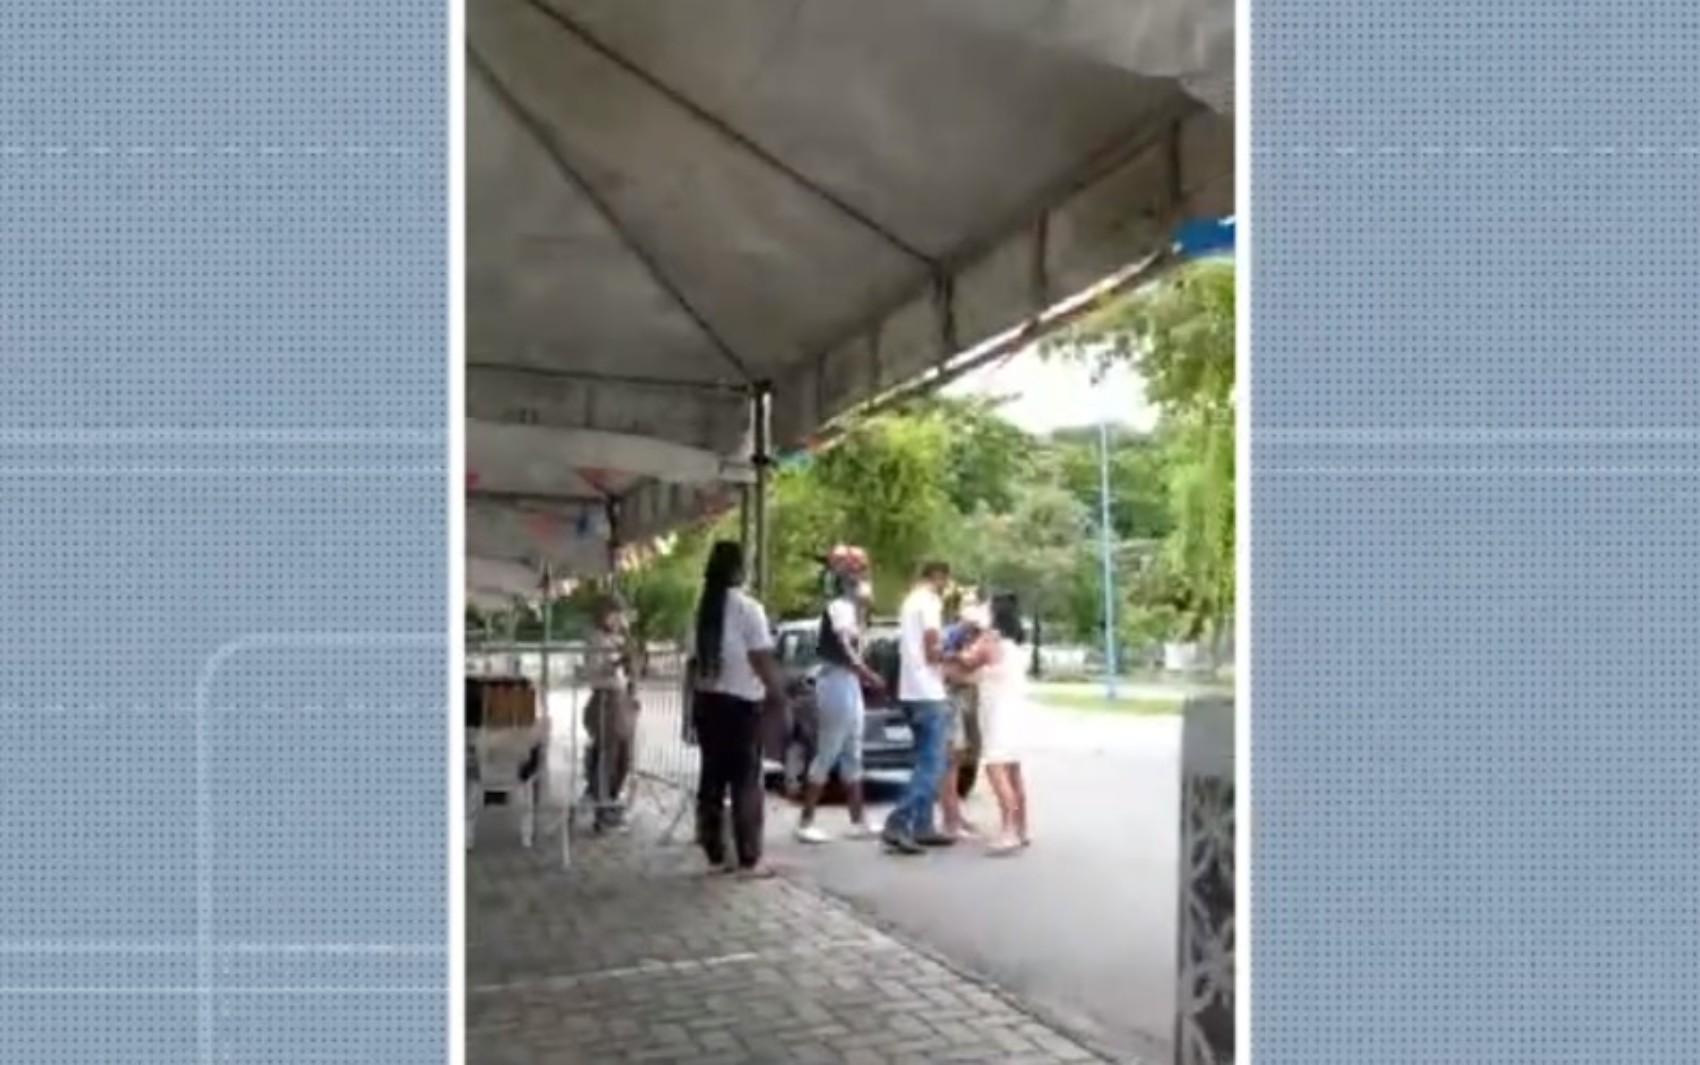 Trabalhadoras da saúde denunciam agressão durante aplicação da vacina contra Covid-19 em Salvador